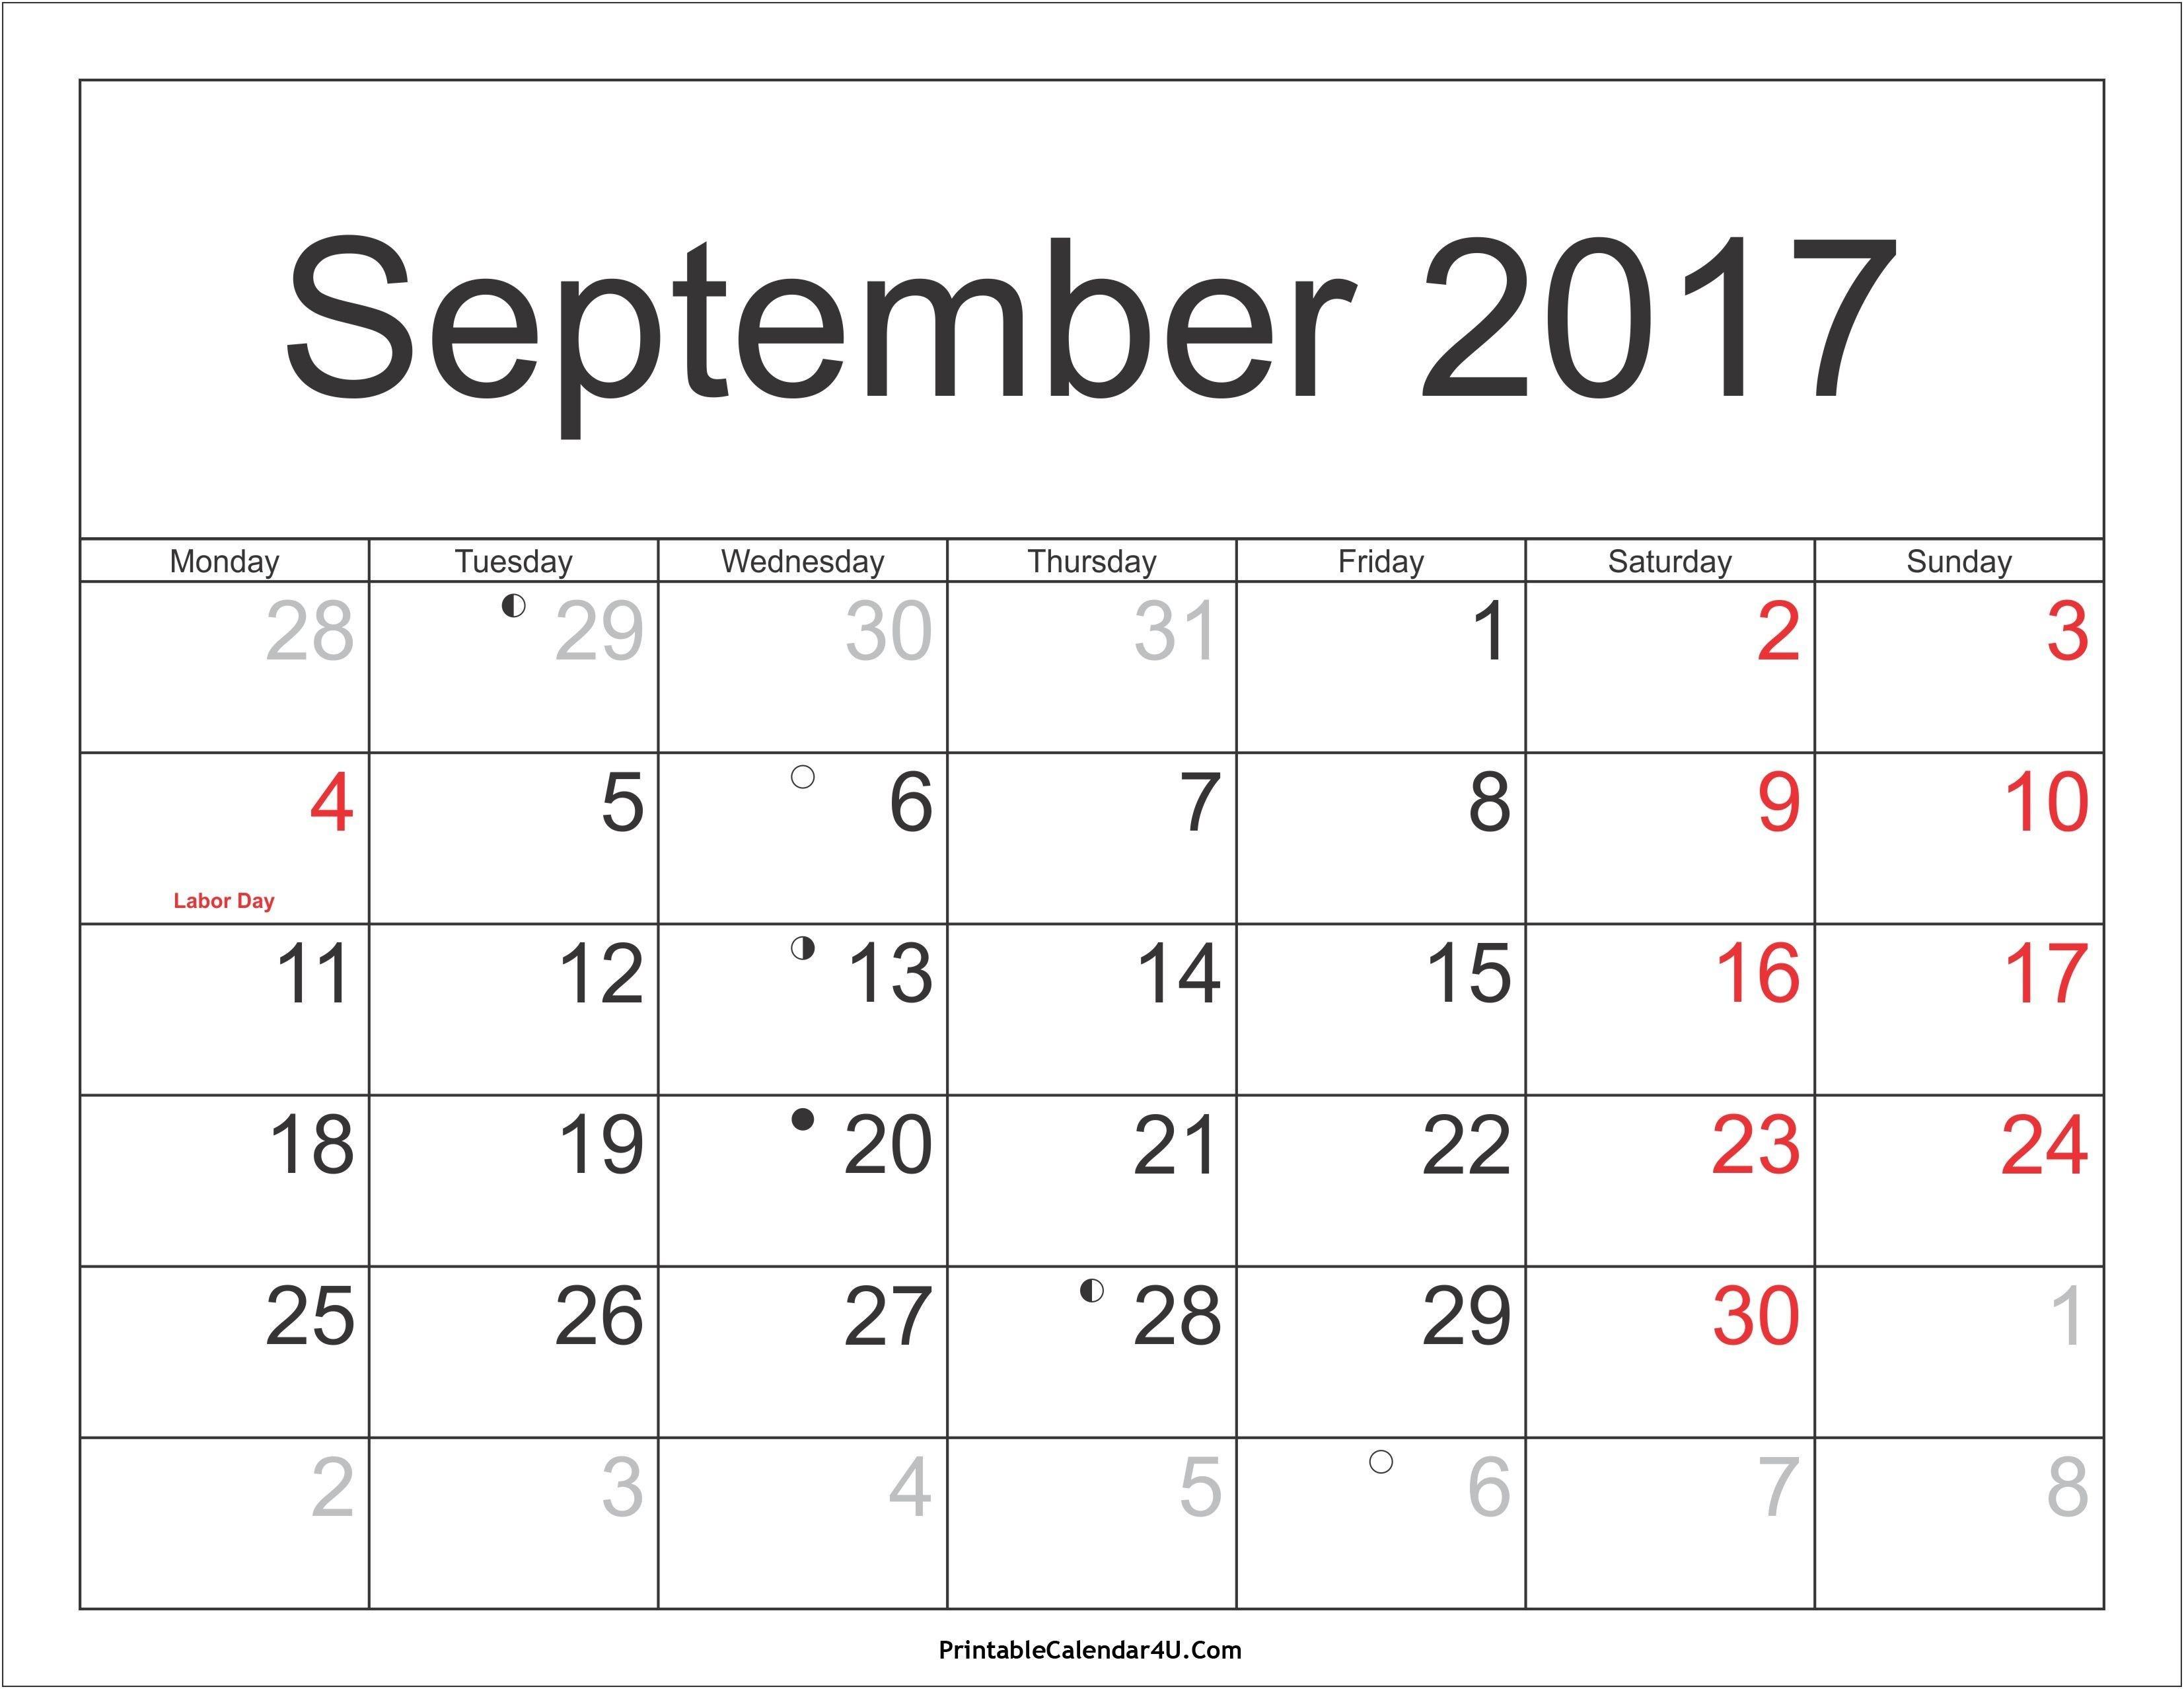 March Calendar 2018 Más Arriba-a-fecha Tamil Calendar for April 2019 2018 Calendar Printable with Holidays Of March Calendar 2018 Recientes Calendar 2019 March Graph Template for Kids Fresh Graphs